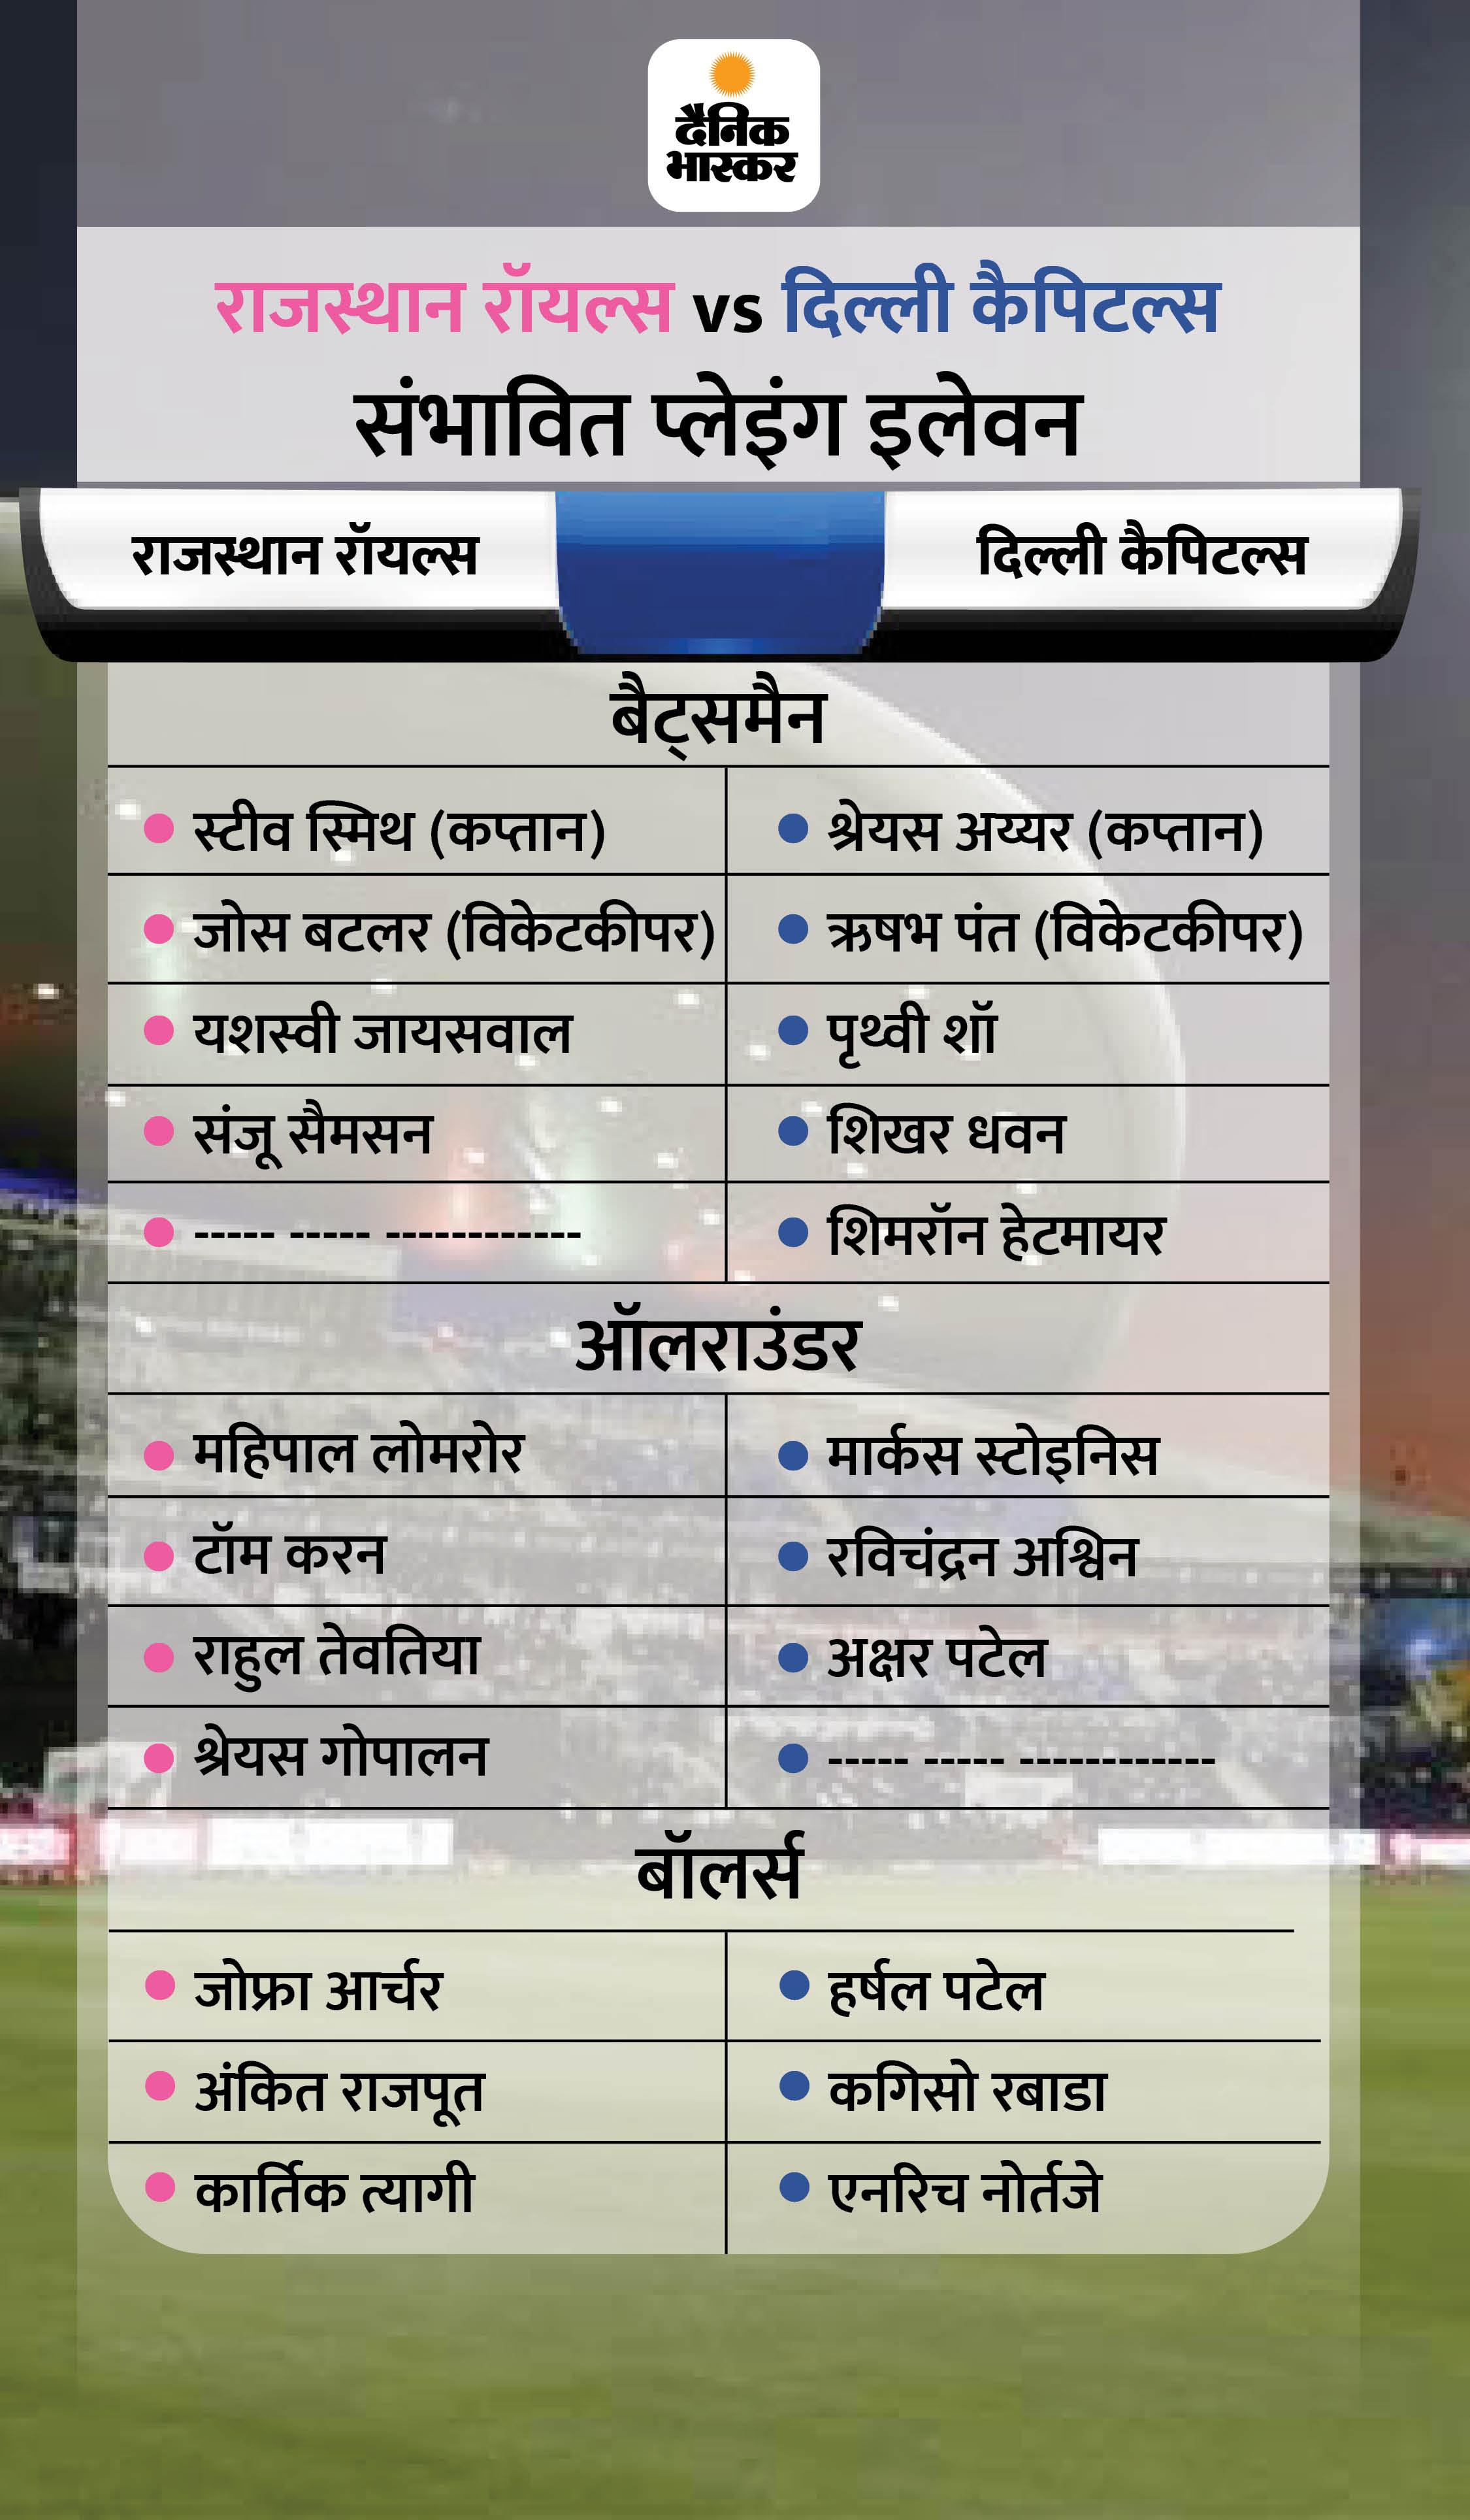 शारजाह के हाई-स्कोरिंग ग्राउंड में बल्लेबाजों पर दरोमदार, यहां दोनों टीमें इस सीजन में कोई मैच नहीं हारीं; स्पिनर्स का रहेगा अहम रोल